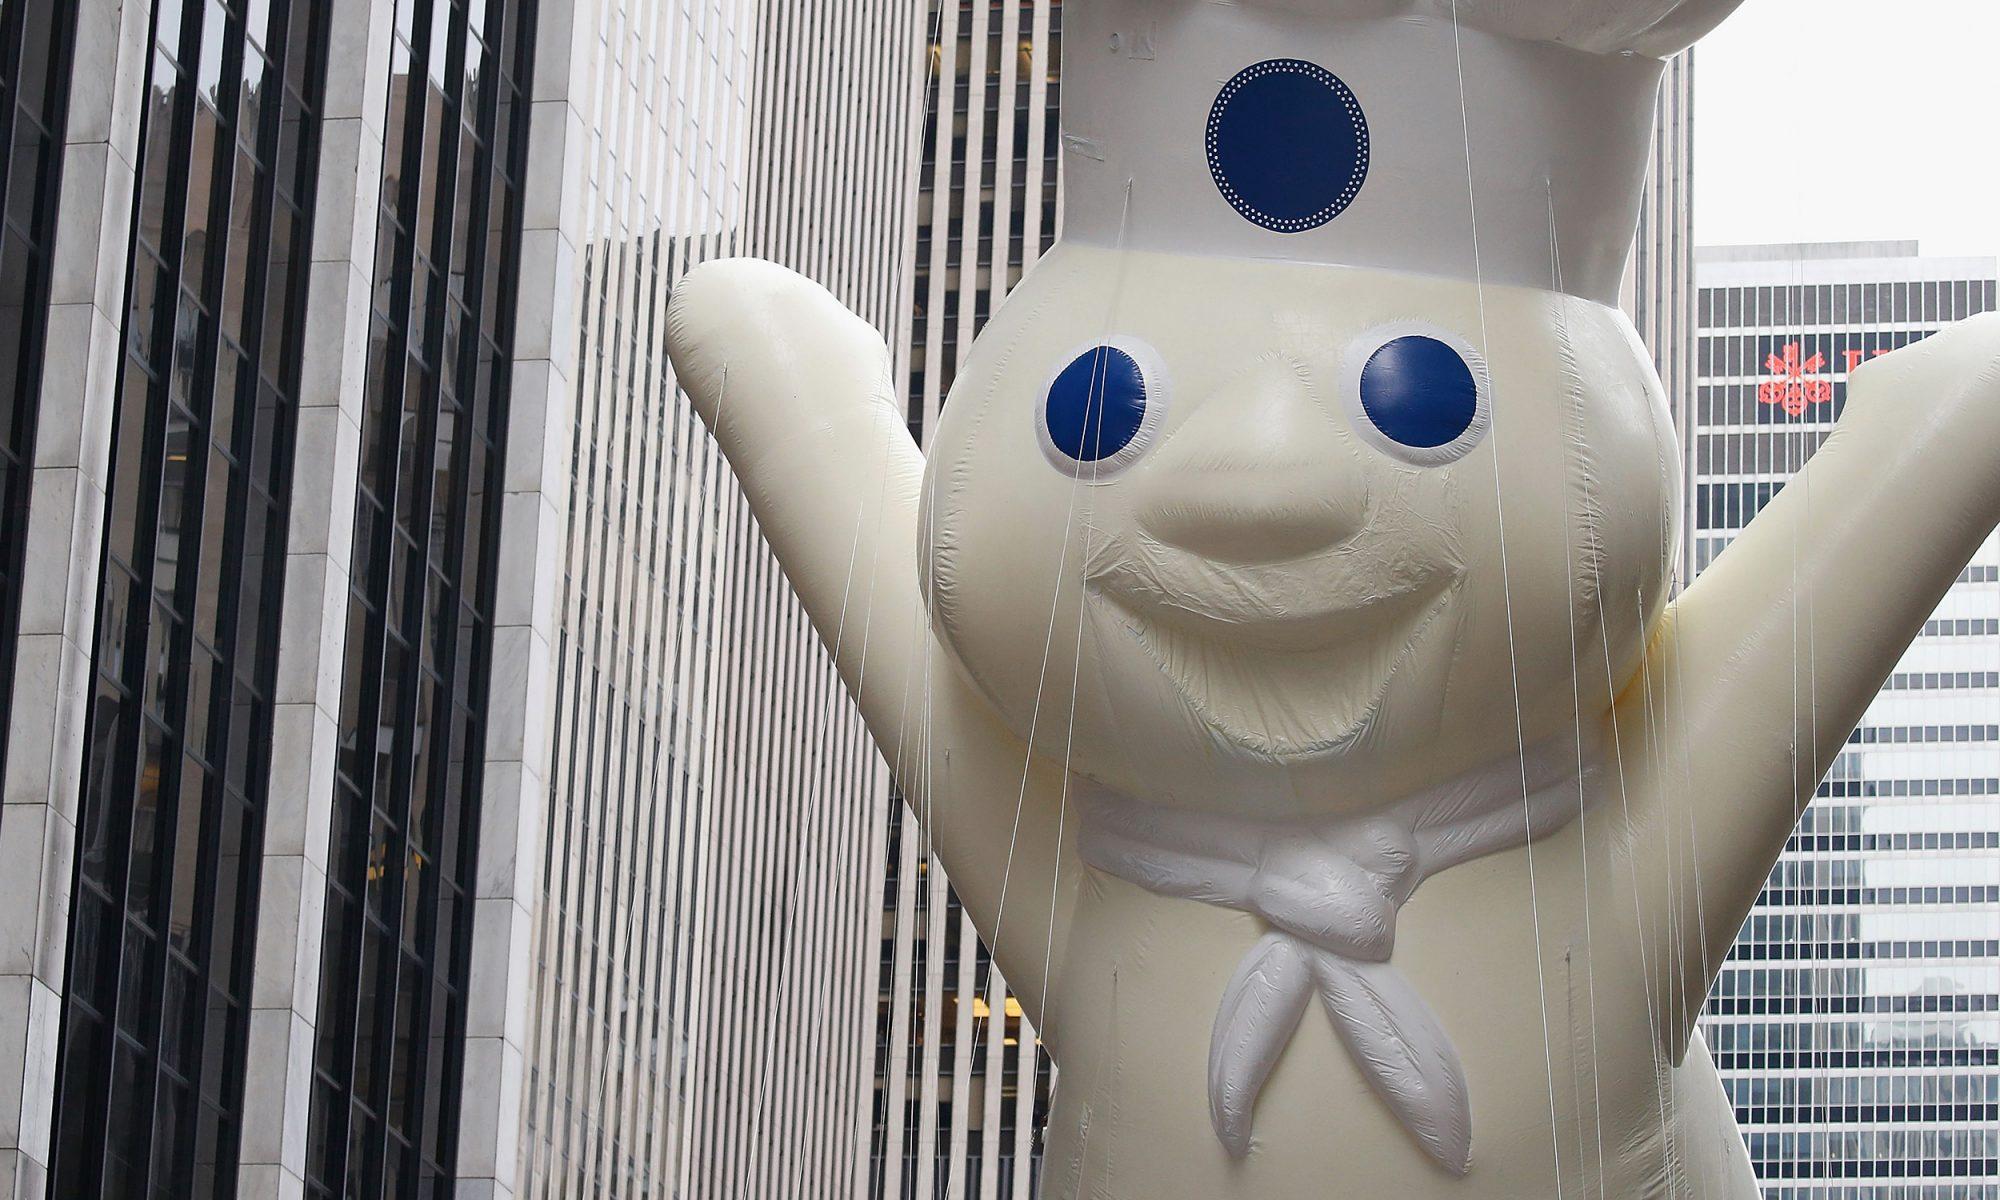 pillsbury dough boy balloon